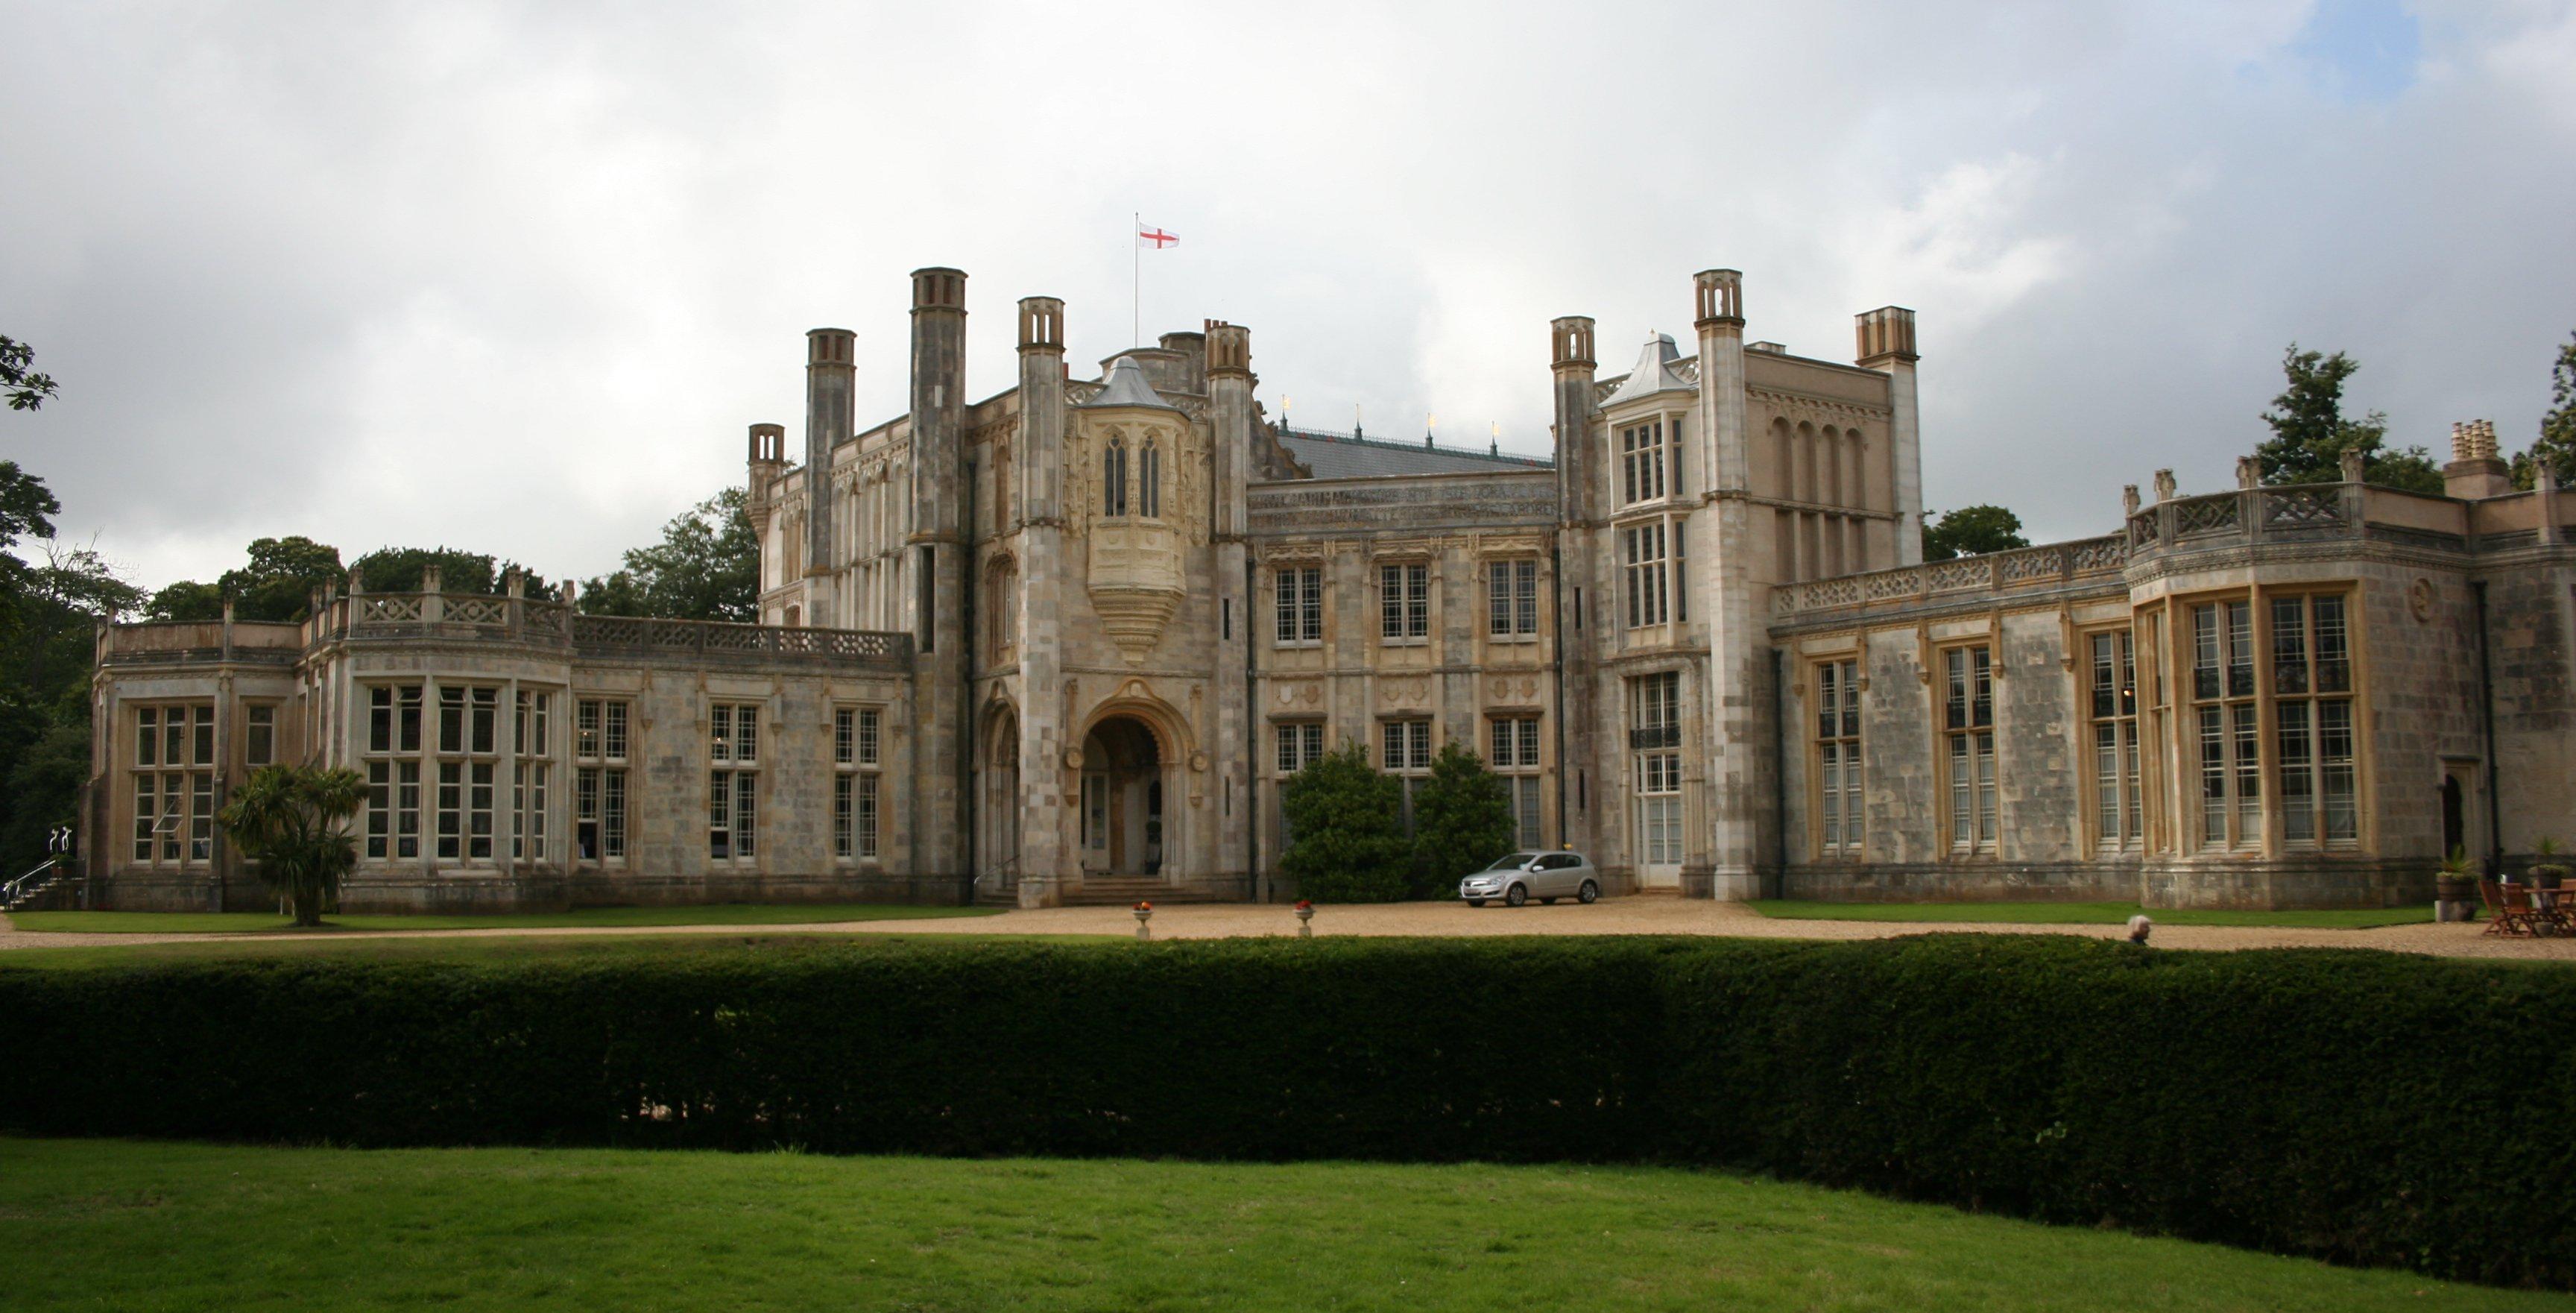 File:Highcliffe Castle 1.jpg - Wikimedia Commons